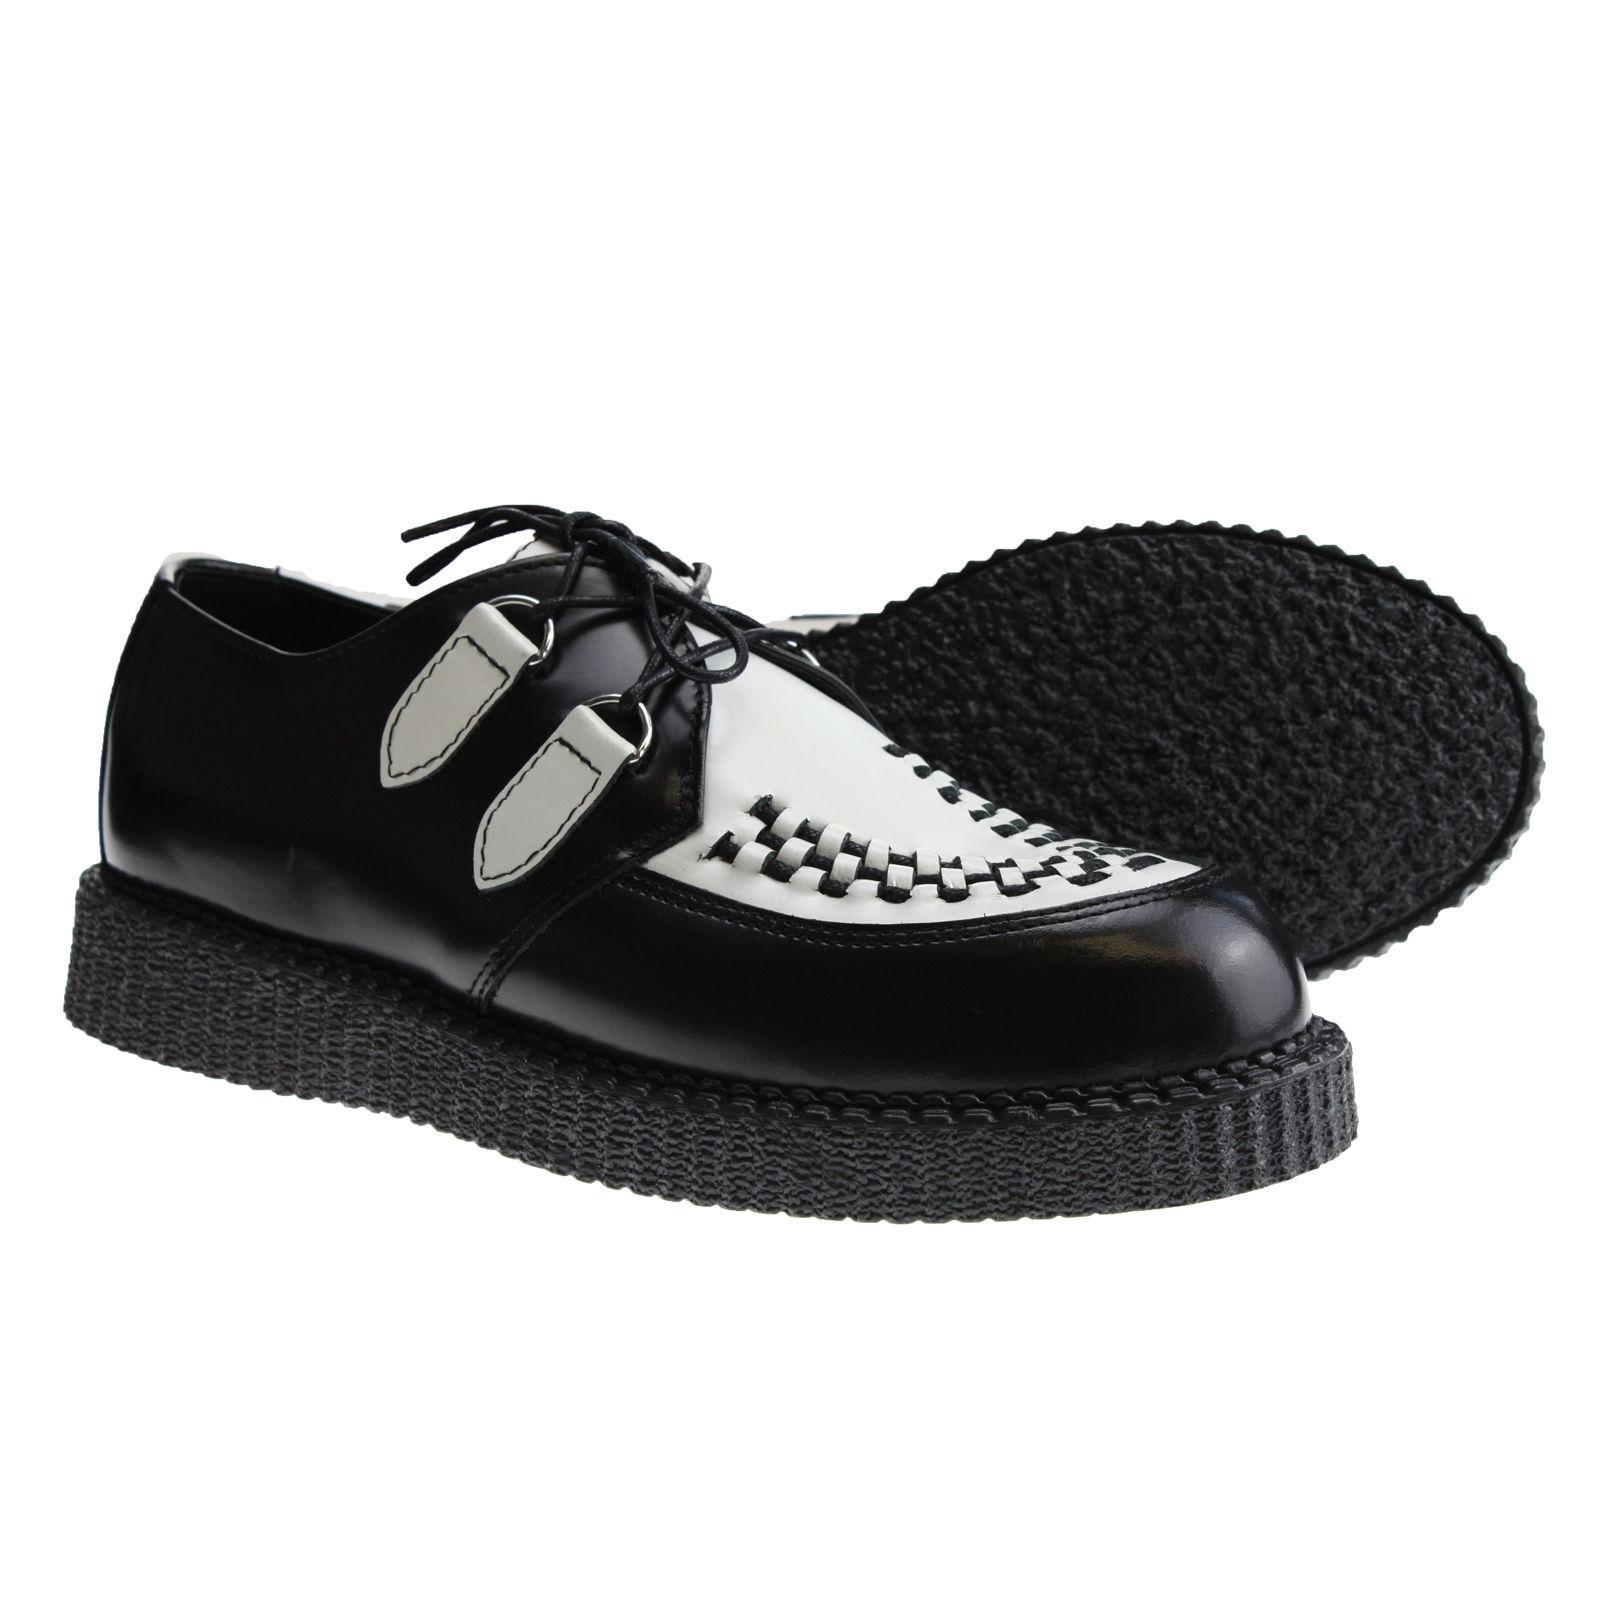 Stiefel and Braces Creeper New Schwarz Weiß Schuhe Creepers Leder Neu Halbschuhe     |  | Angemessene Lieferung und pünktliche Lieferung  | Spielen Sie auf der ganzen Welt und verhindern Sie, dass Ihre Kinder einsam sind